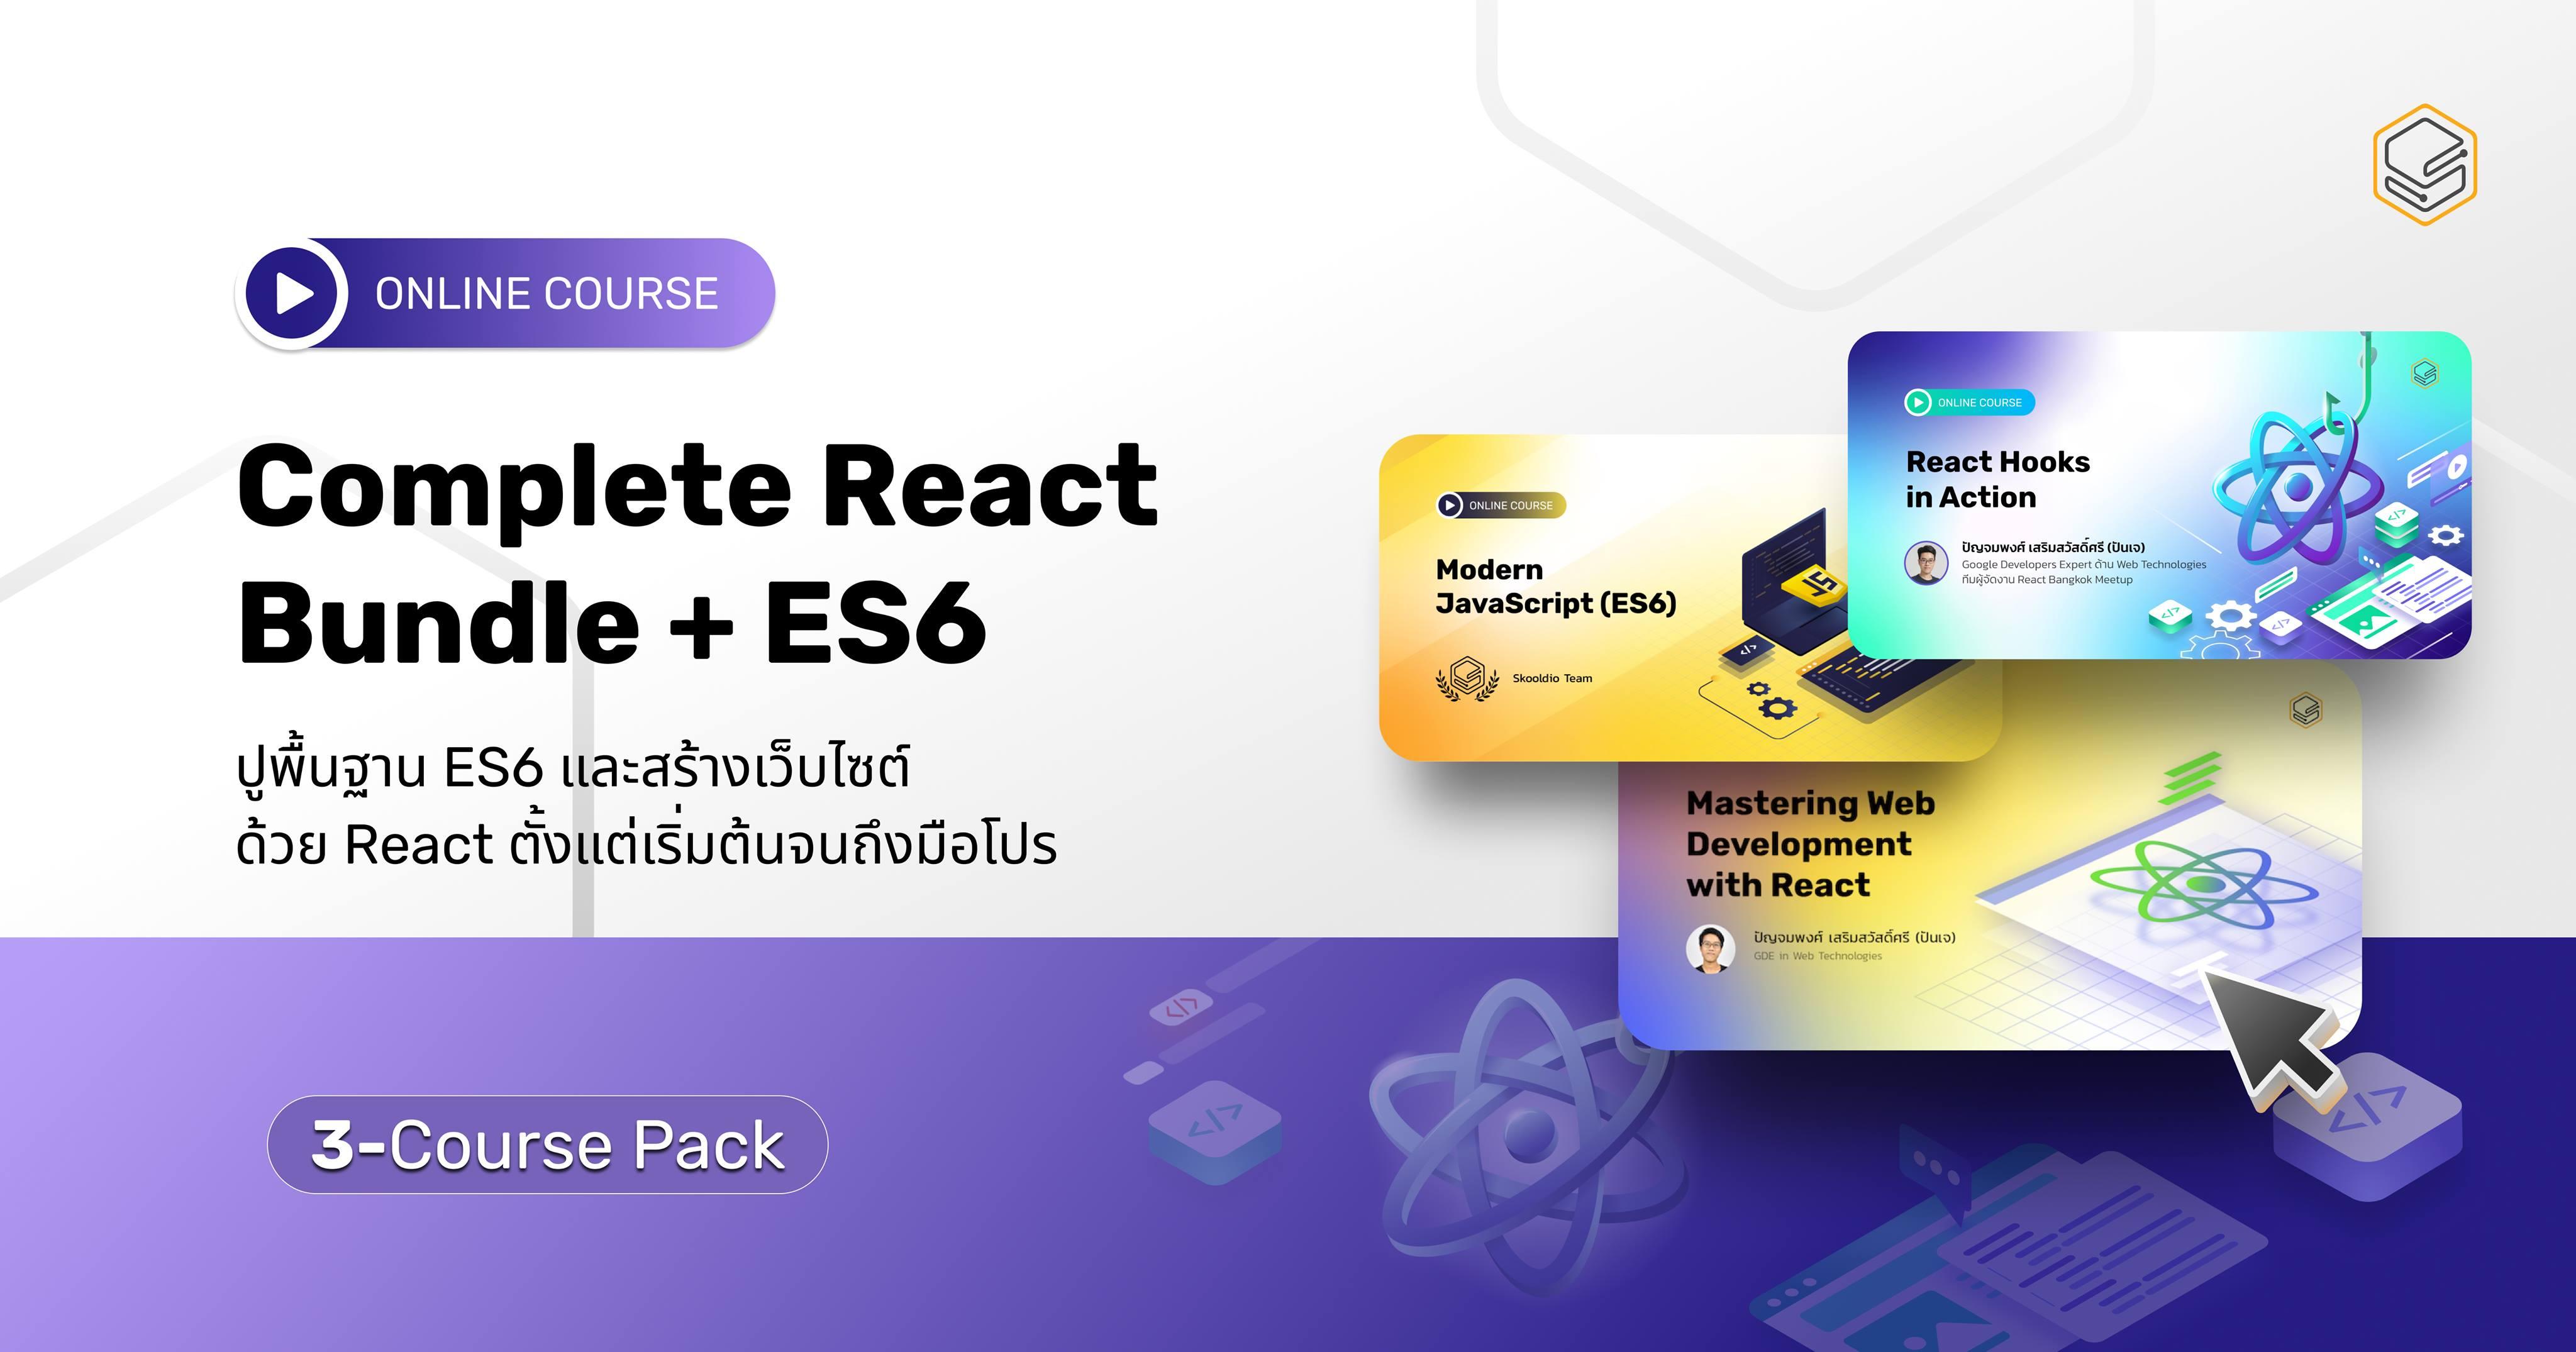 ปูพื้นฐาน ES6 และสร้างเว็บไซต์ ด้วย React ตั้งแต่เริ่มต้นจนถึงมือโปร | Skooldio Bundle: Complete React Bundle + JavaScript ES6